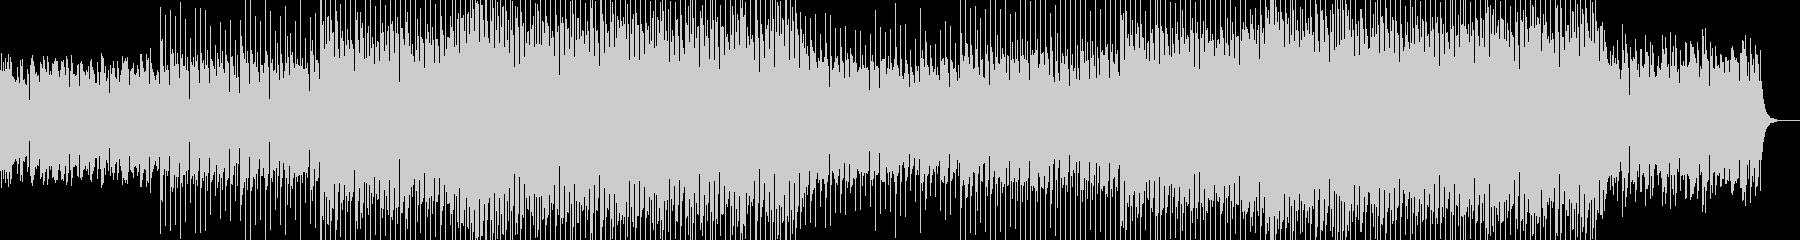 EDMクラブ系ダンスミュージック-29の未再生の波形